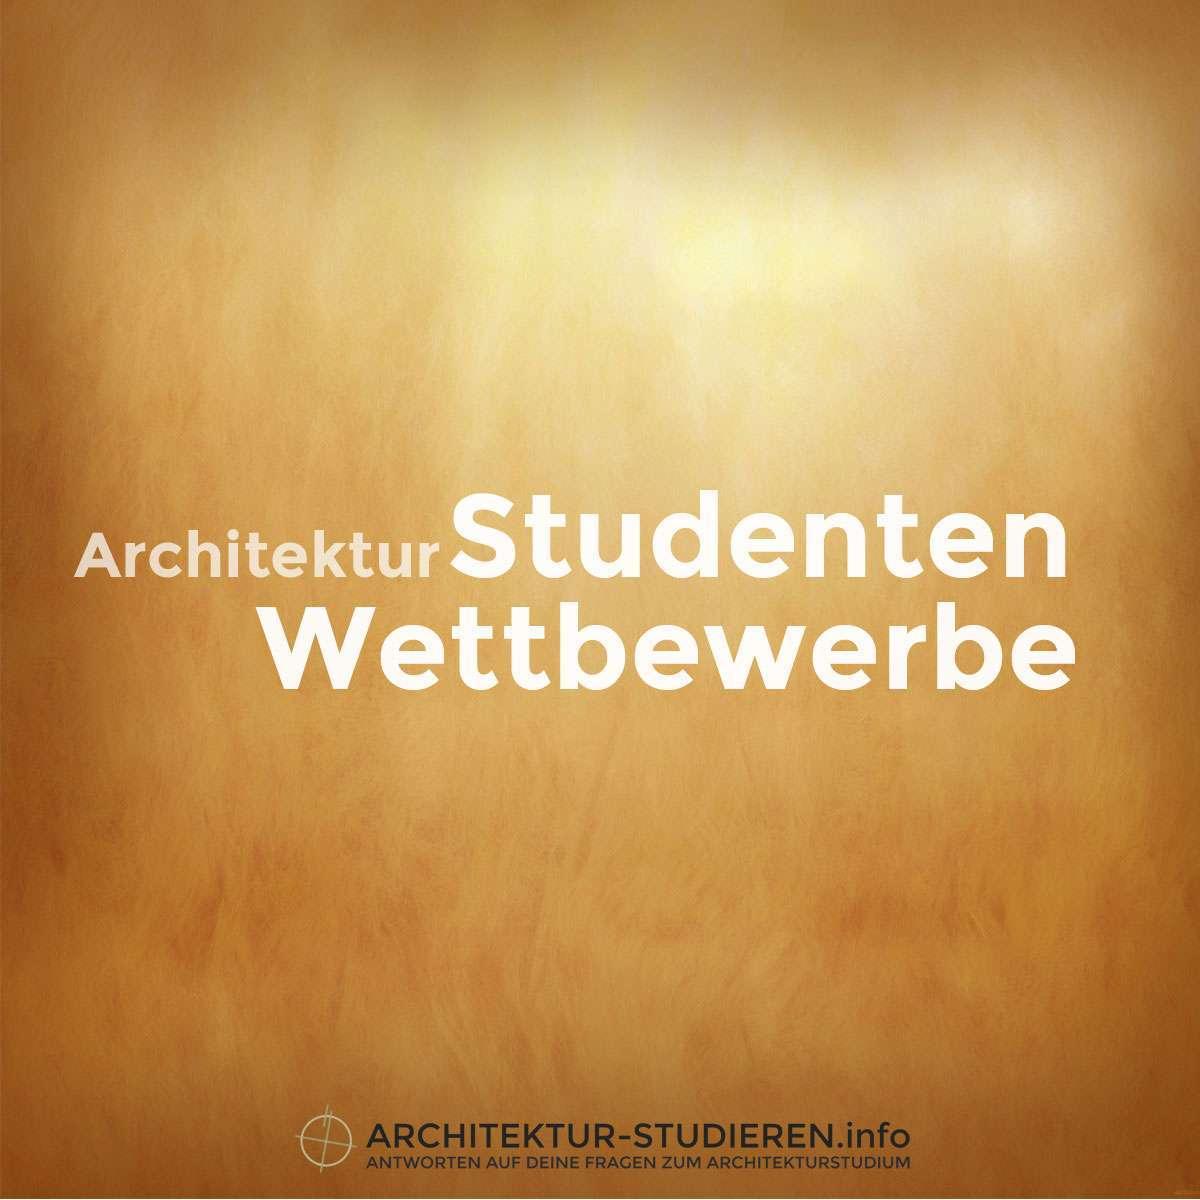 Studentenwettbewerbe architektur for Berlin architektur studieren